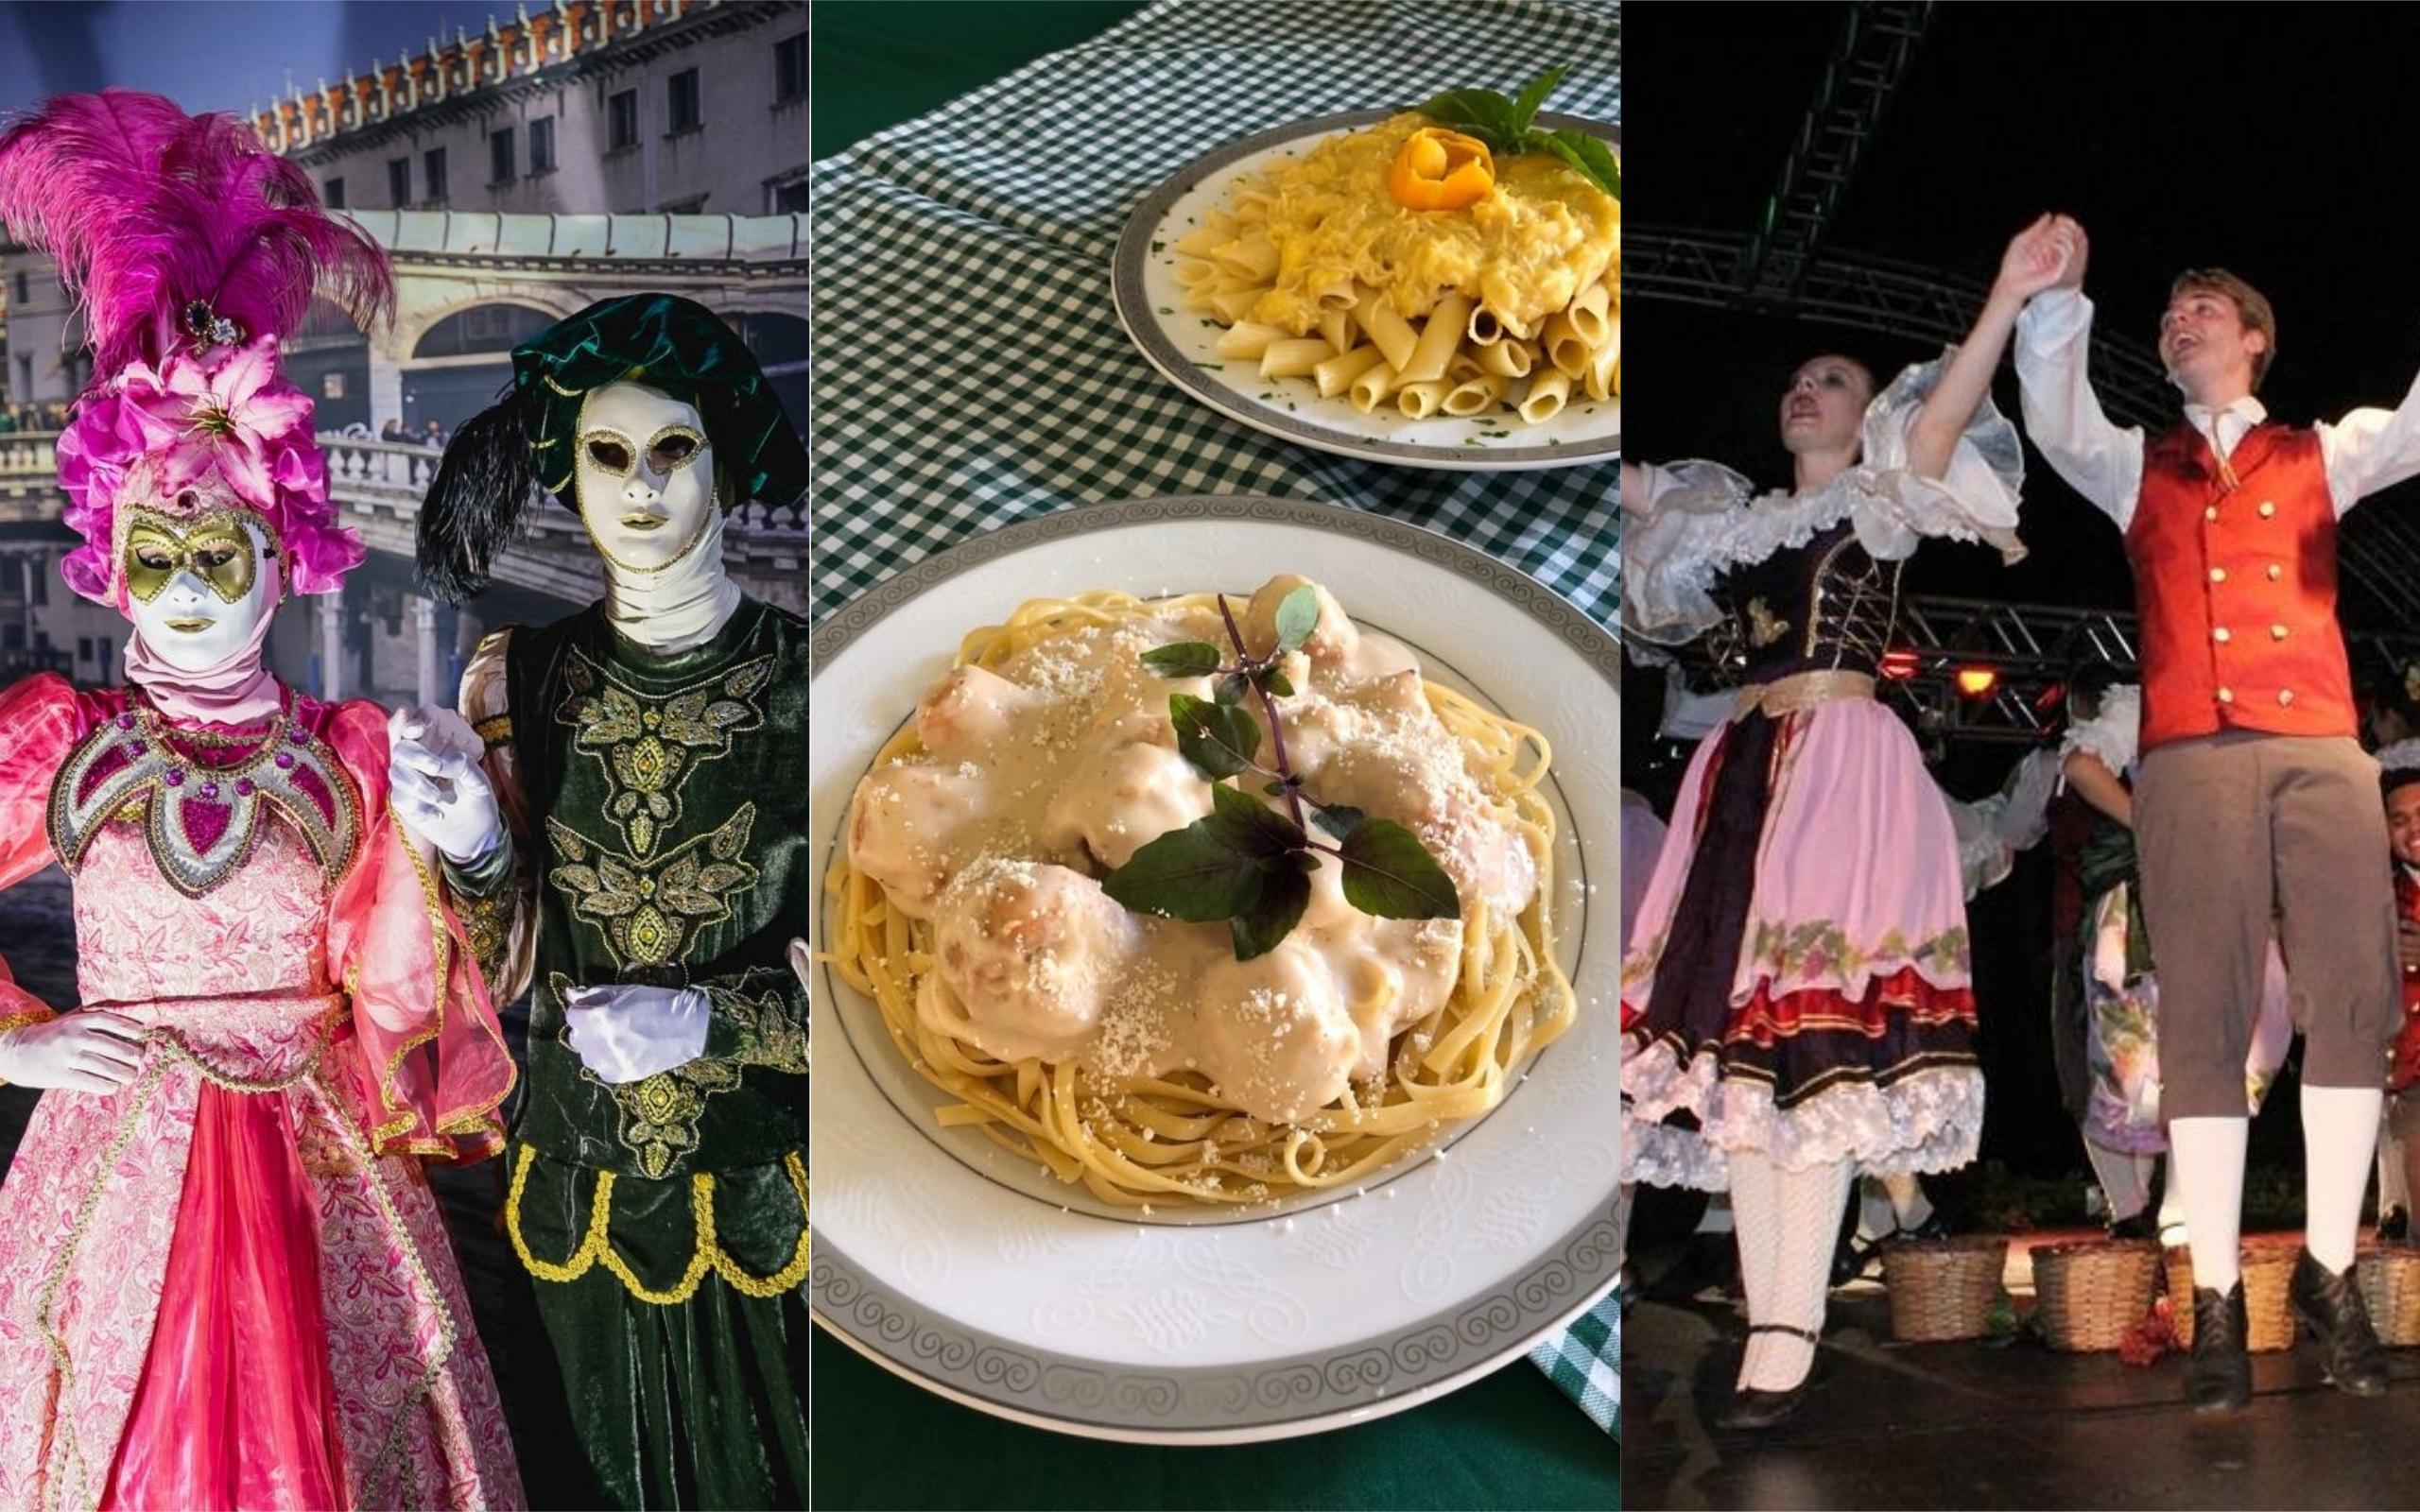 15º Festival Italiano de Nova Veneza começa nesta quinta-feira (06)